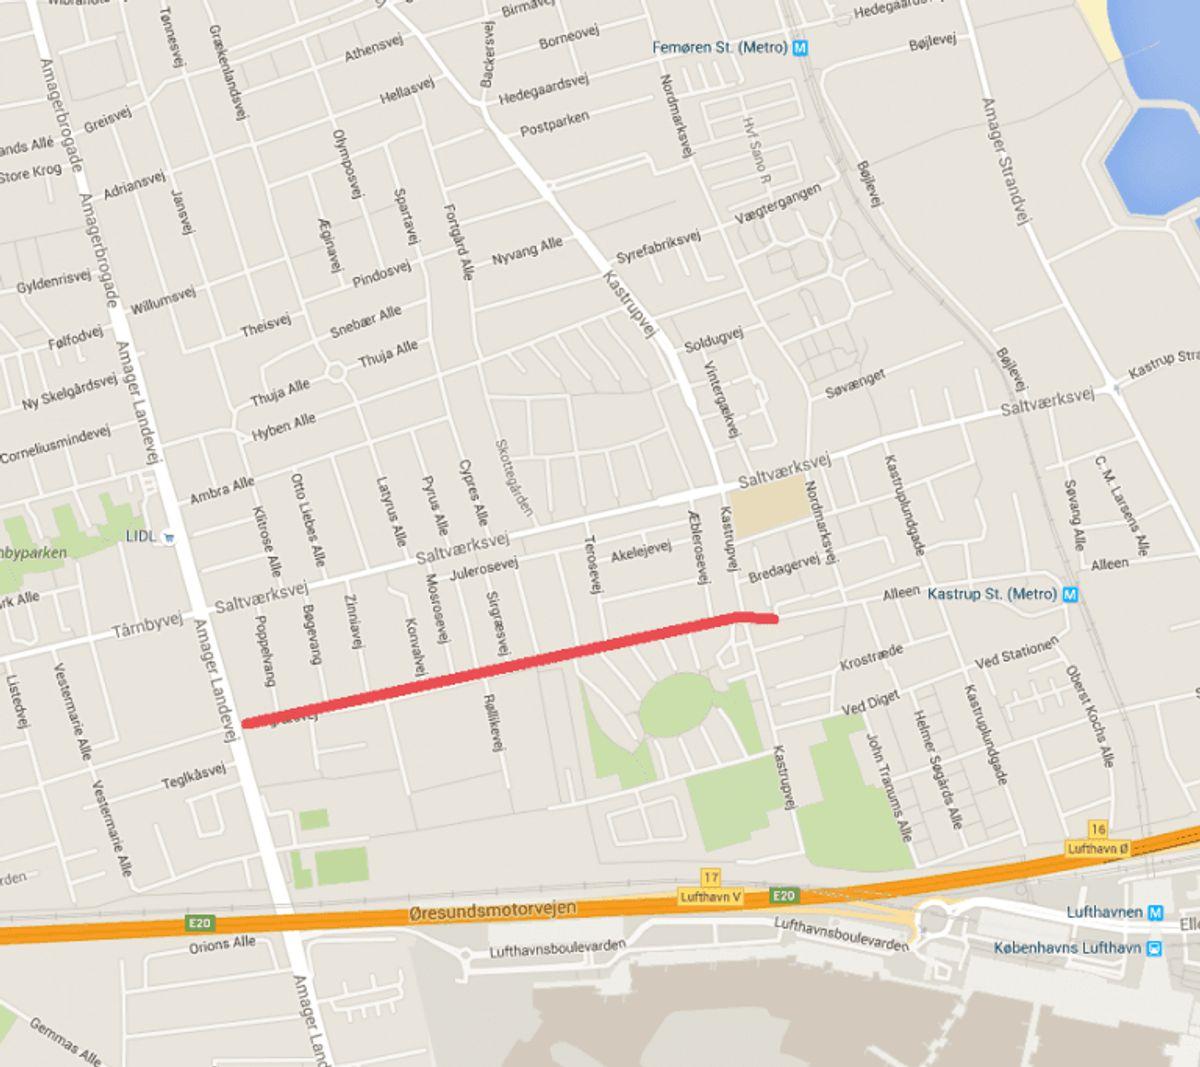 En mand er fredag aften blevet stukket ti gange med kniv af en bekendt på Sirgræsvej på Amager. Foto: Google Maps.